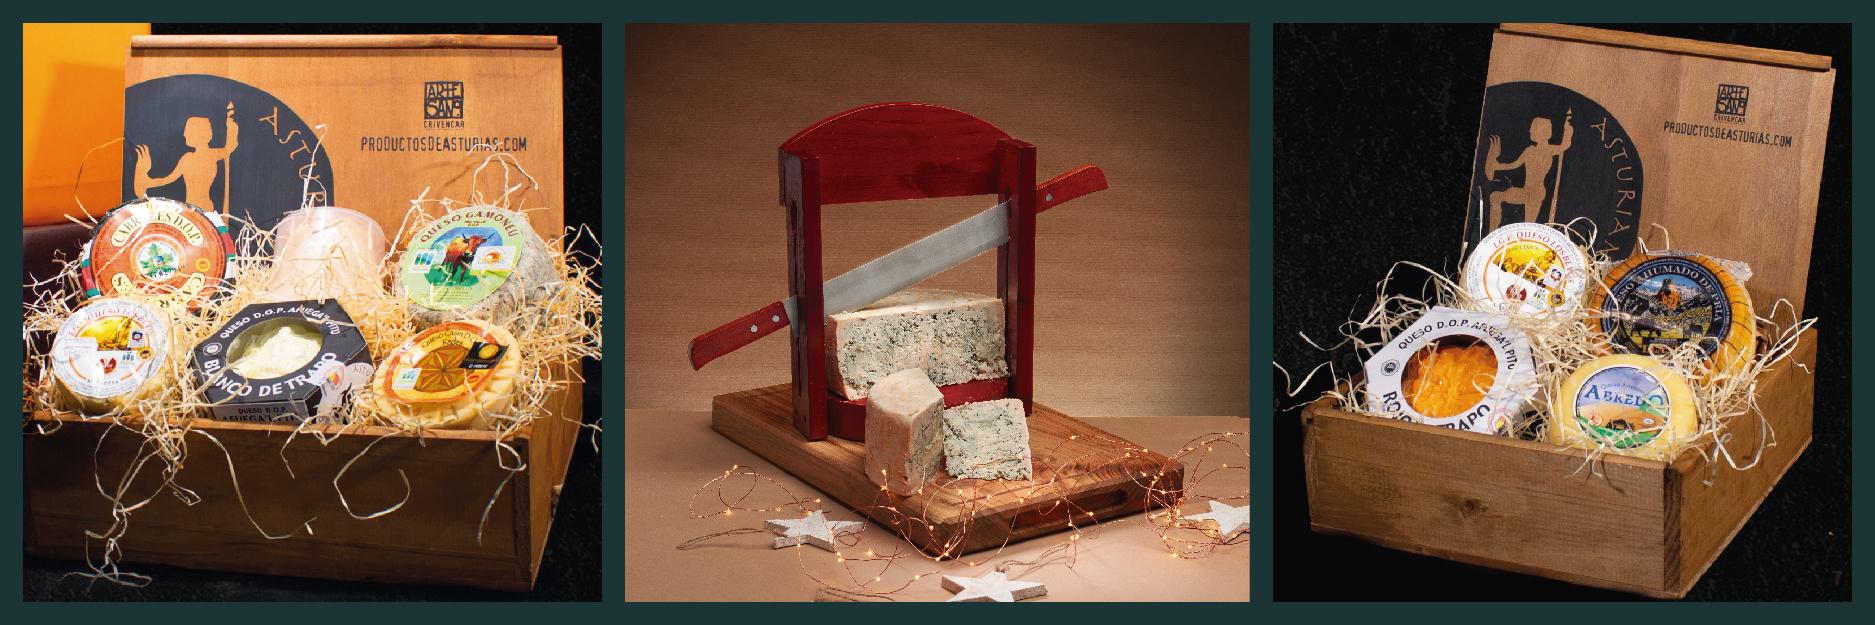 Mosaico regalo para los amantes del queso